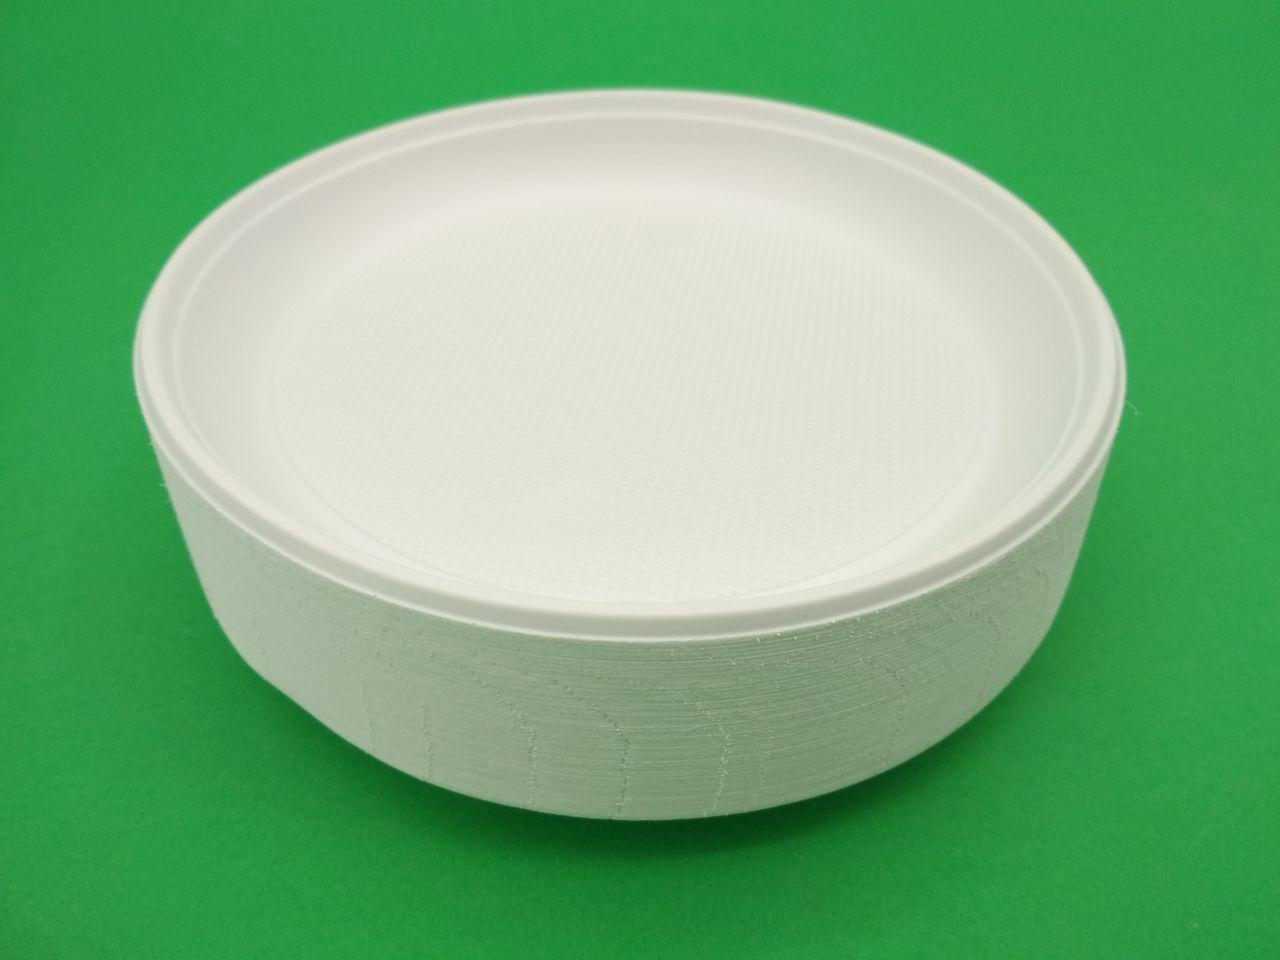 Тарелка одноразовая диаметр 165мм  Супер (100 шт)